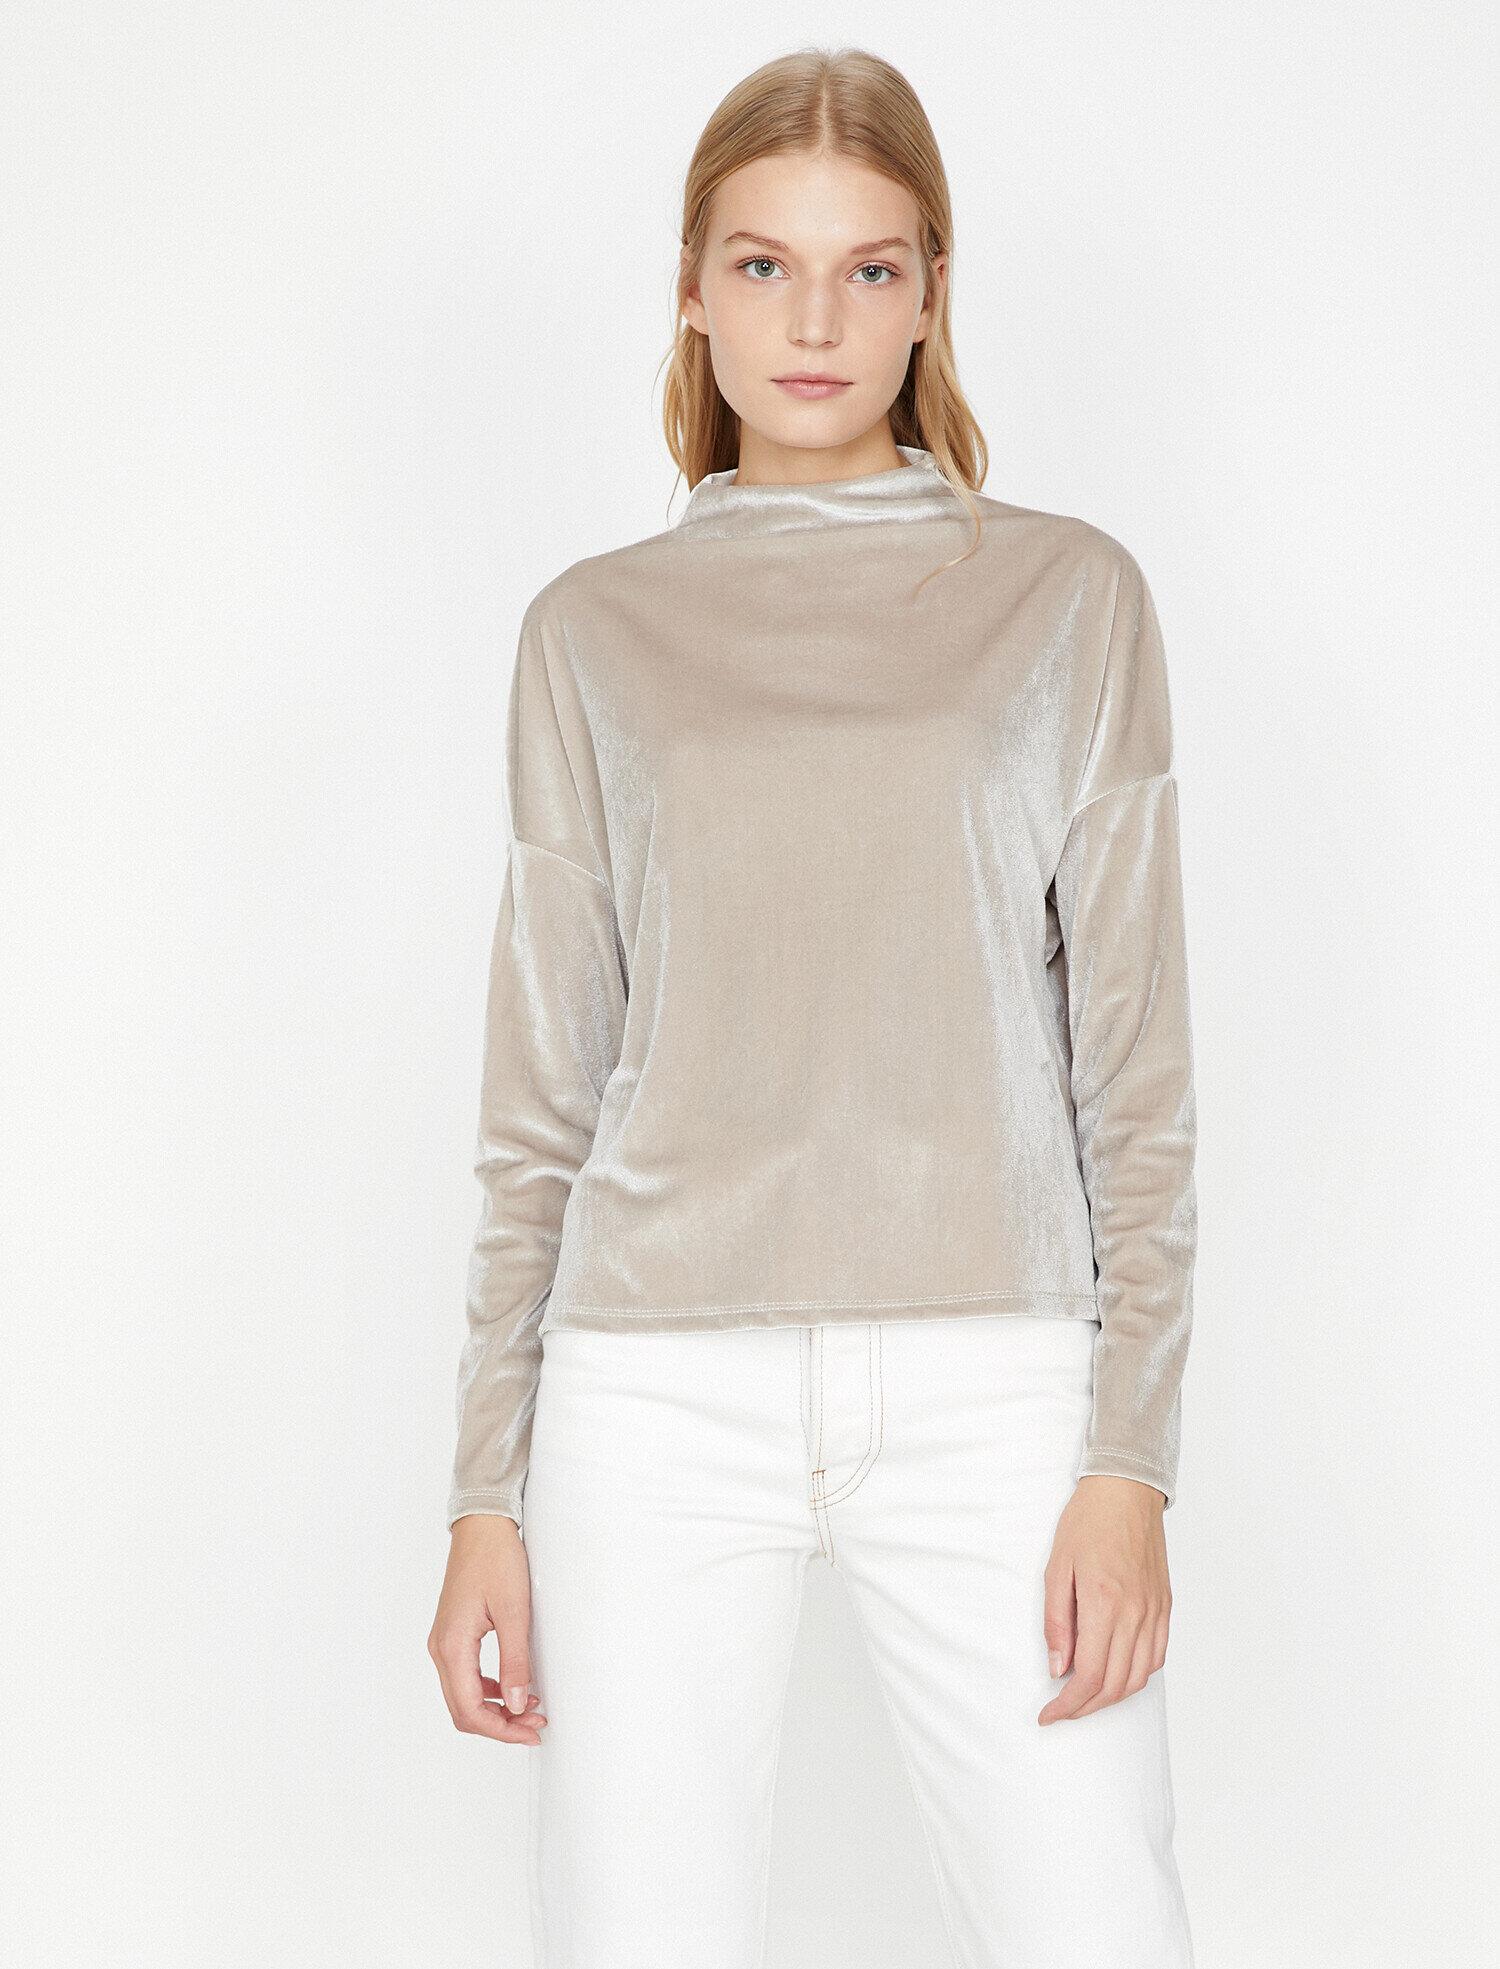 Koton Kadın Yüksek Yaka T-Shirt Gri Ürün Resmi